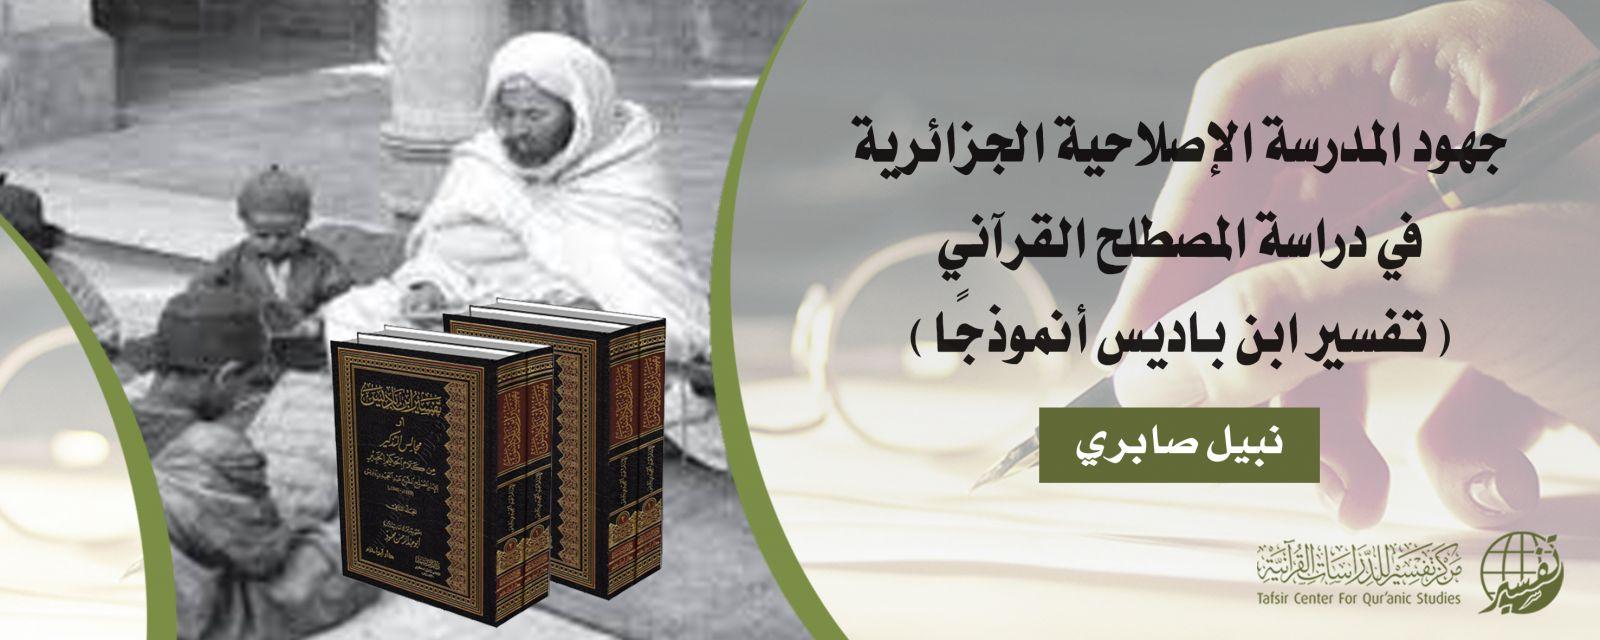 جهود المدرسة الإصلاحية الجزائرية في دراسة المصطلح القرآني  –تفسير ابن باديس أنموذجا-